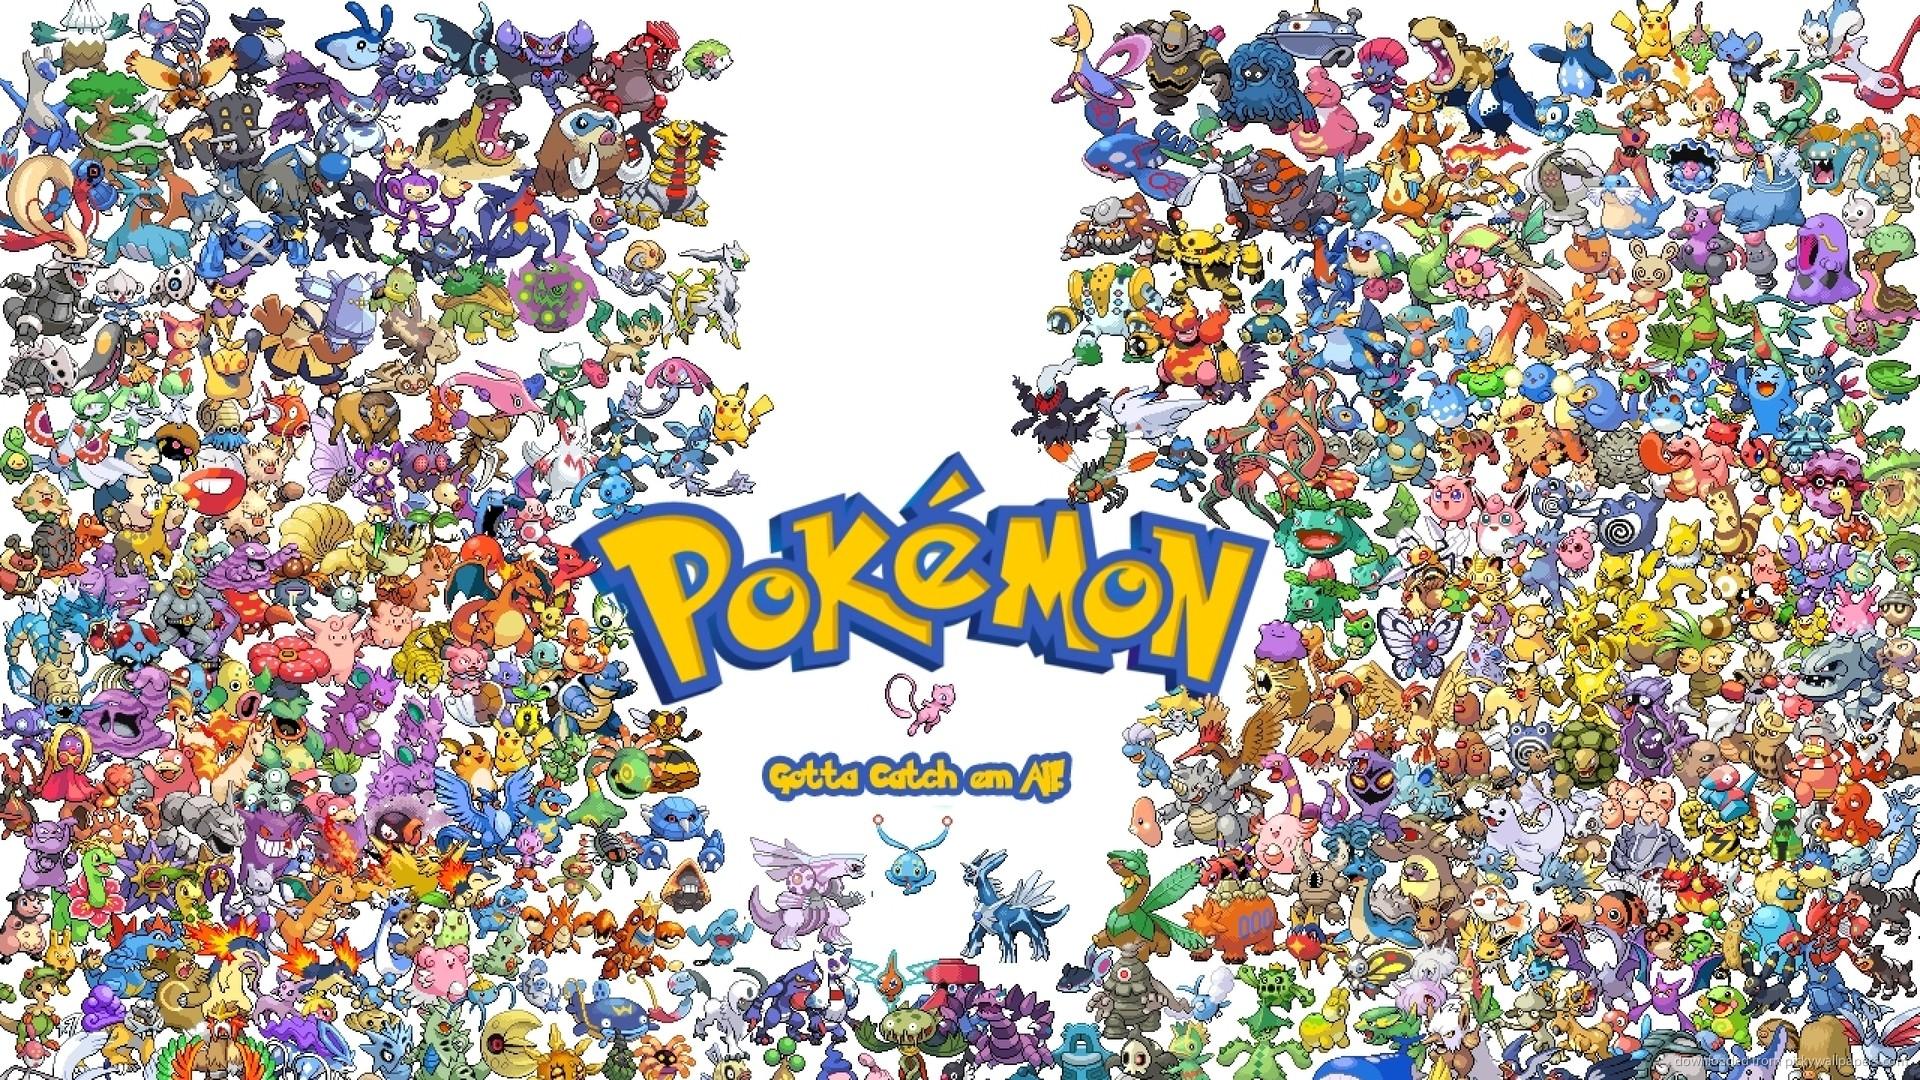 8-Bit Pokemons for 1920×1080